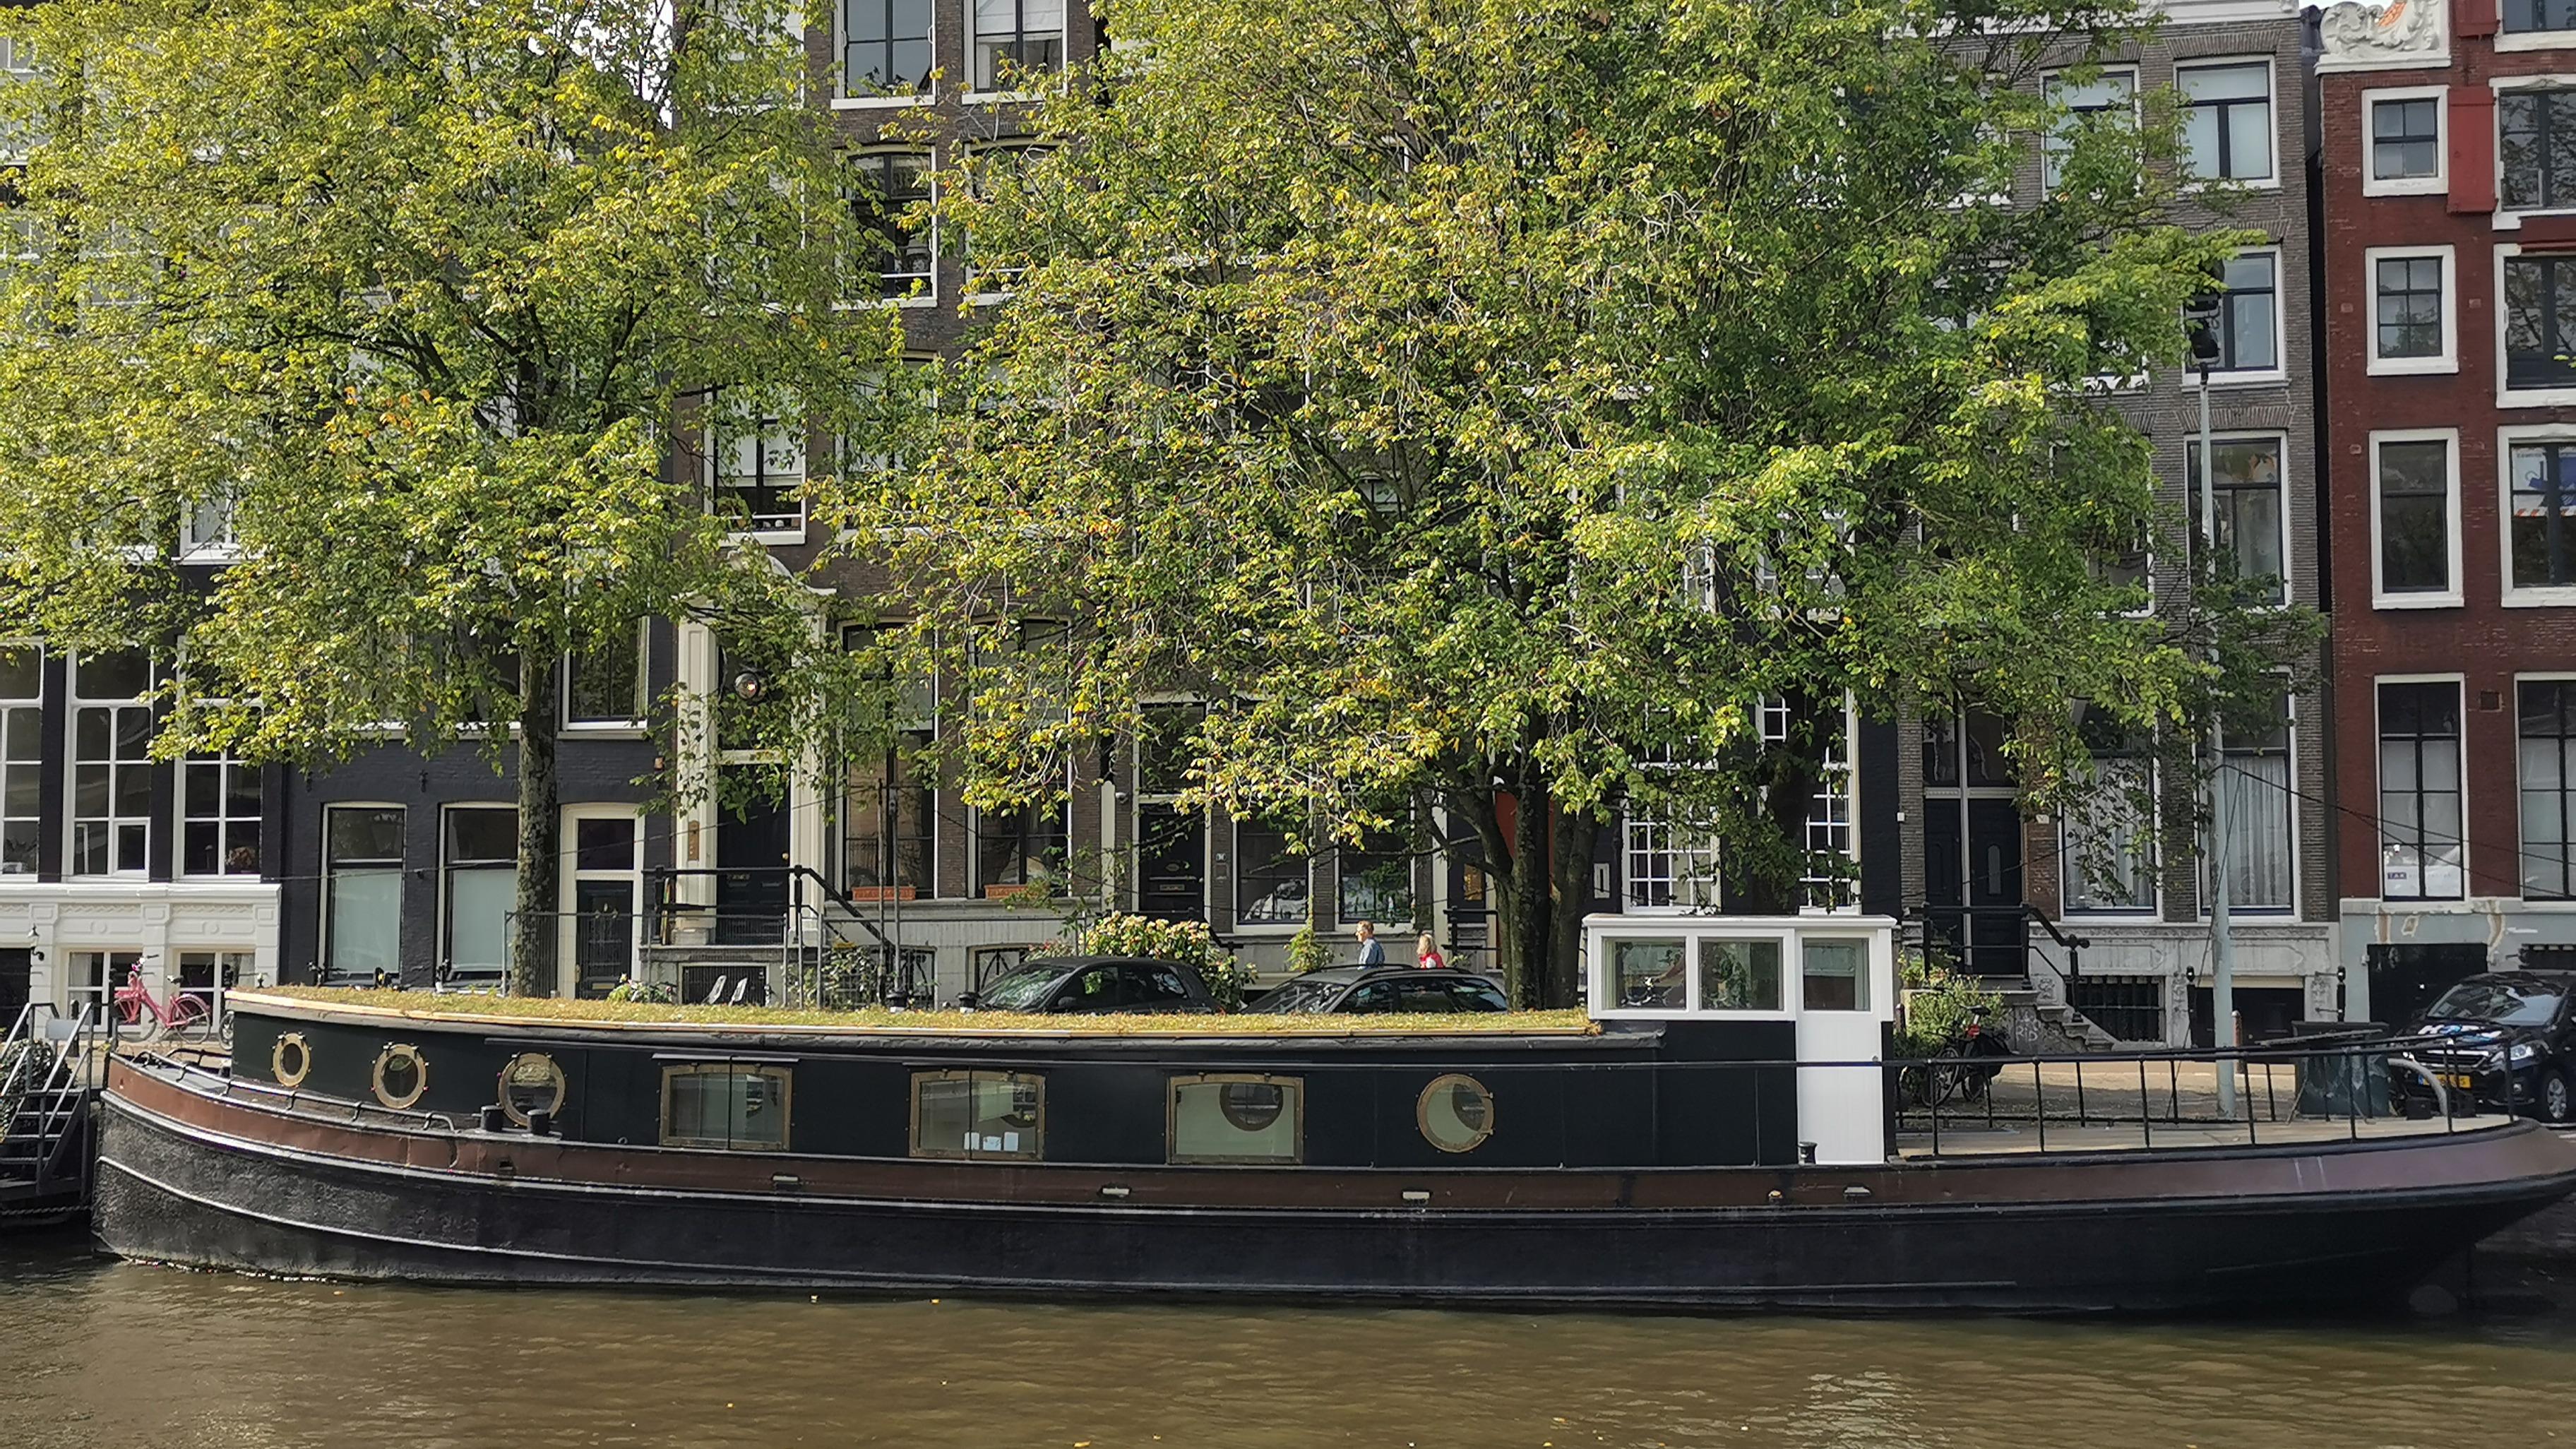 Kluge Wasserführung und Grün reduziert Hitze und Starkregenfolgen. Hier: Dachbegrünung - auf einem Boot in Amsterdam.